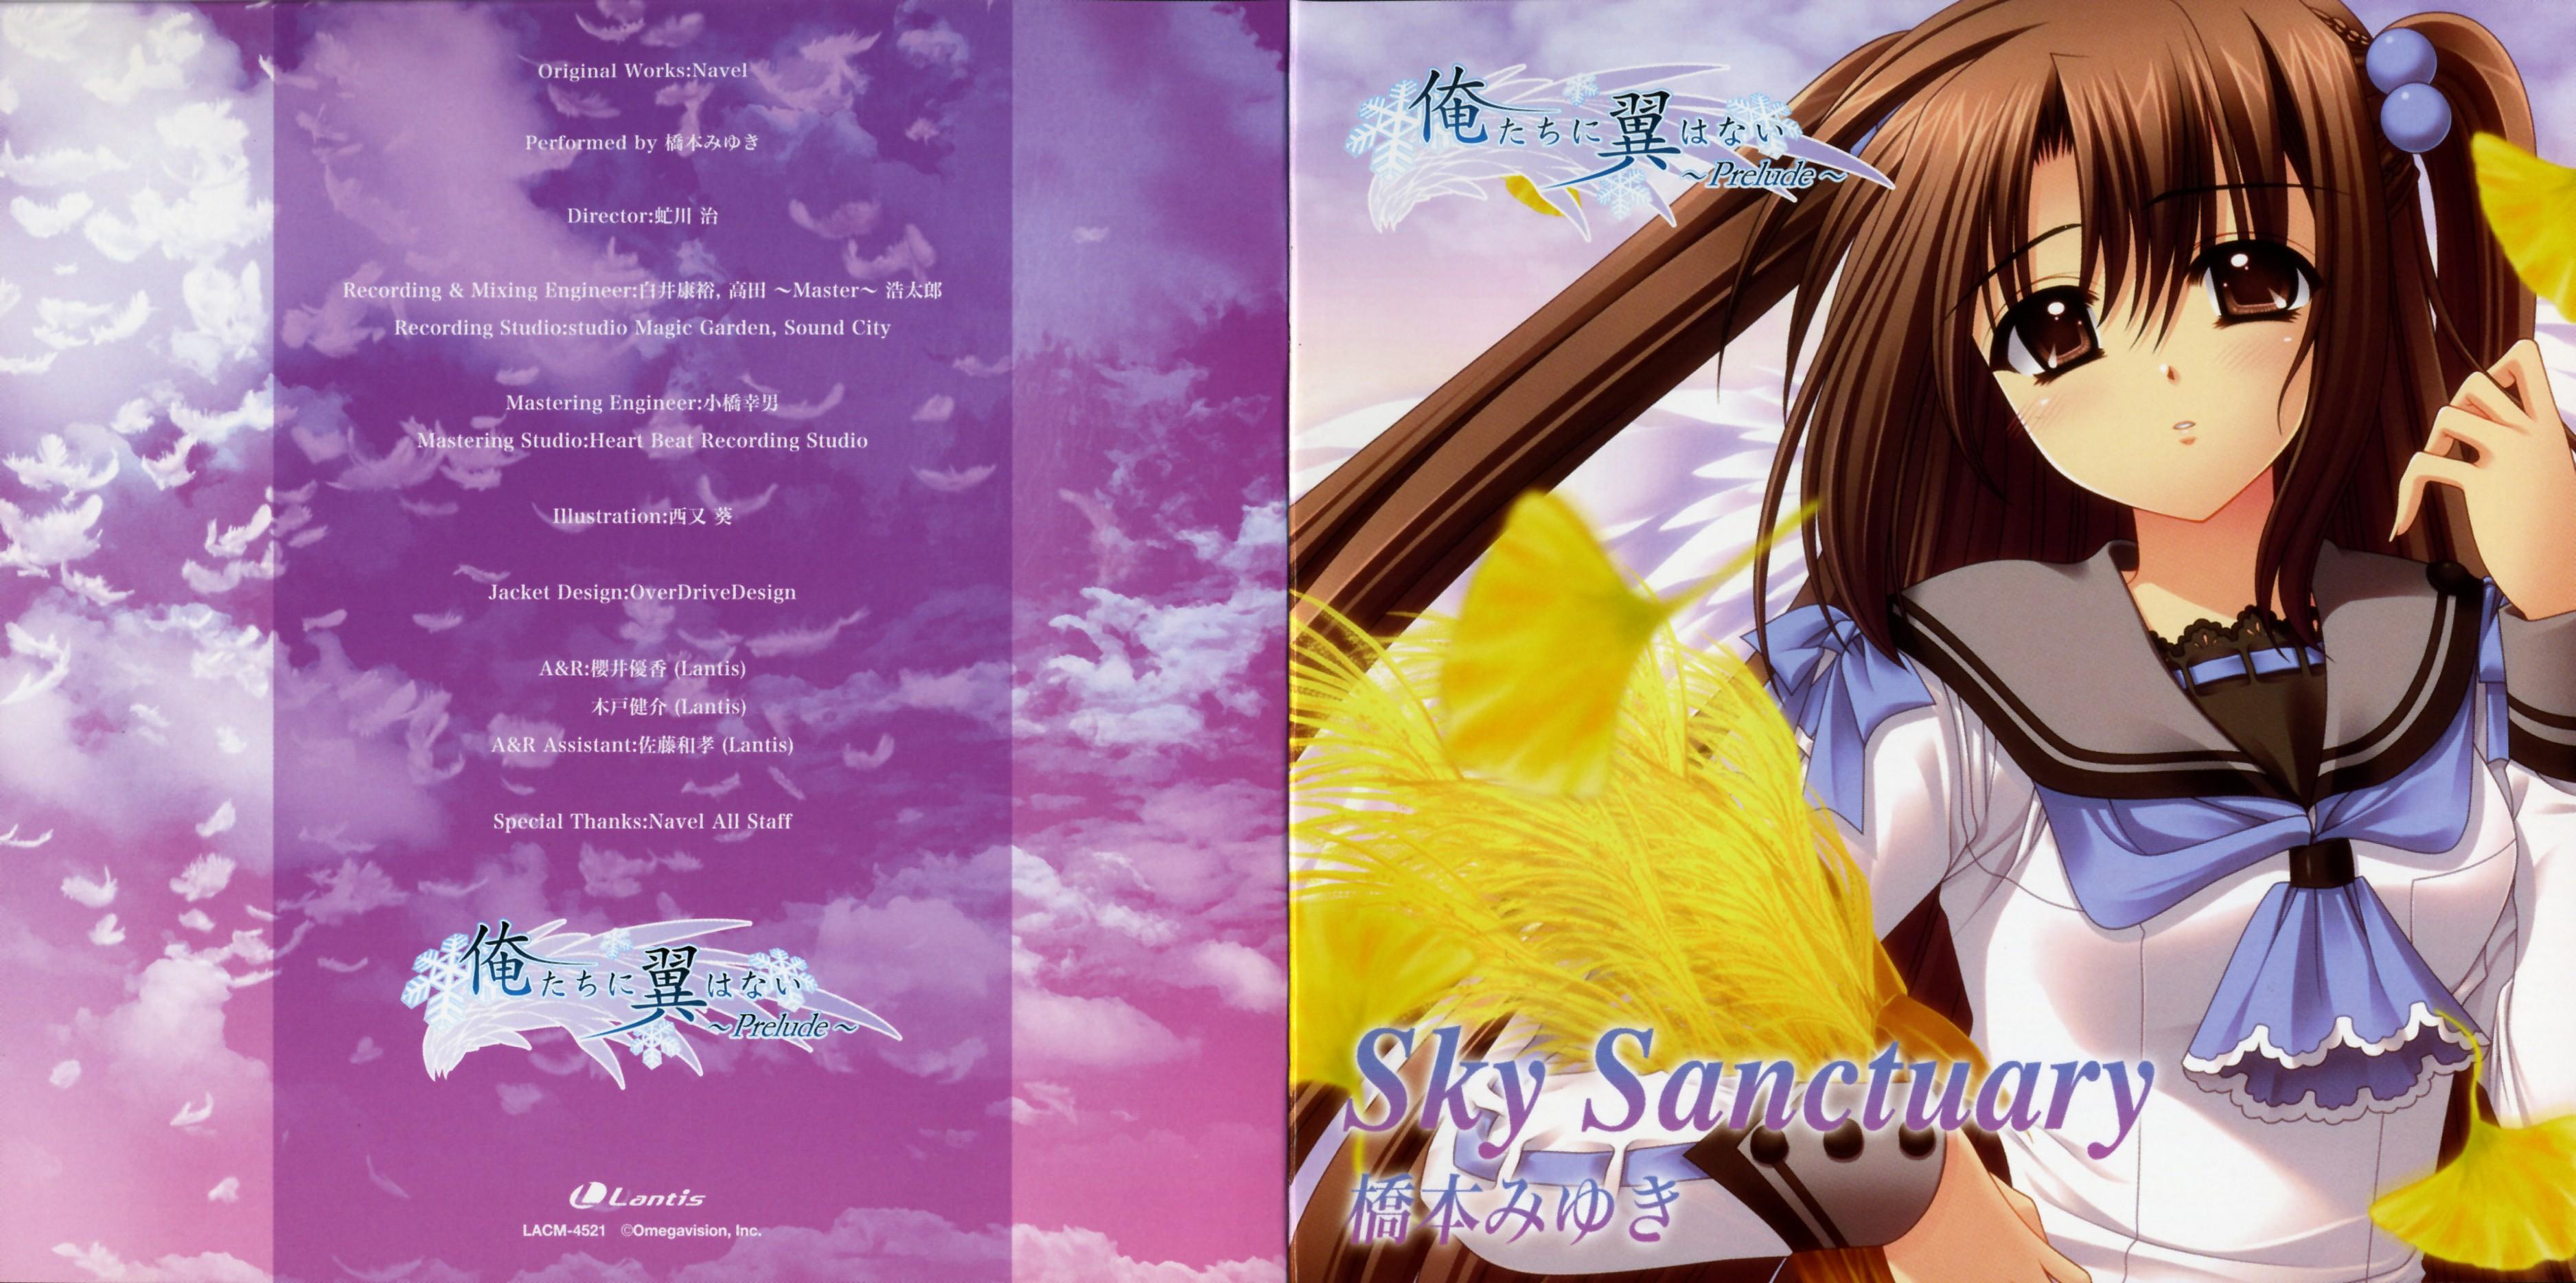 Oretachi ni Tsubasa wa Nai Image Song MP3 - Download